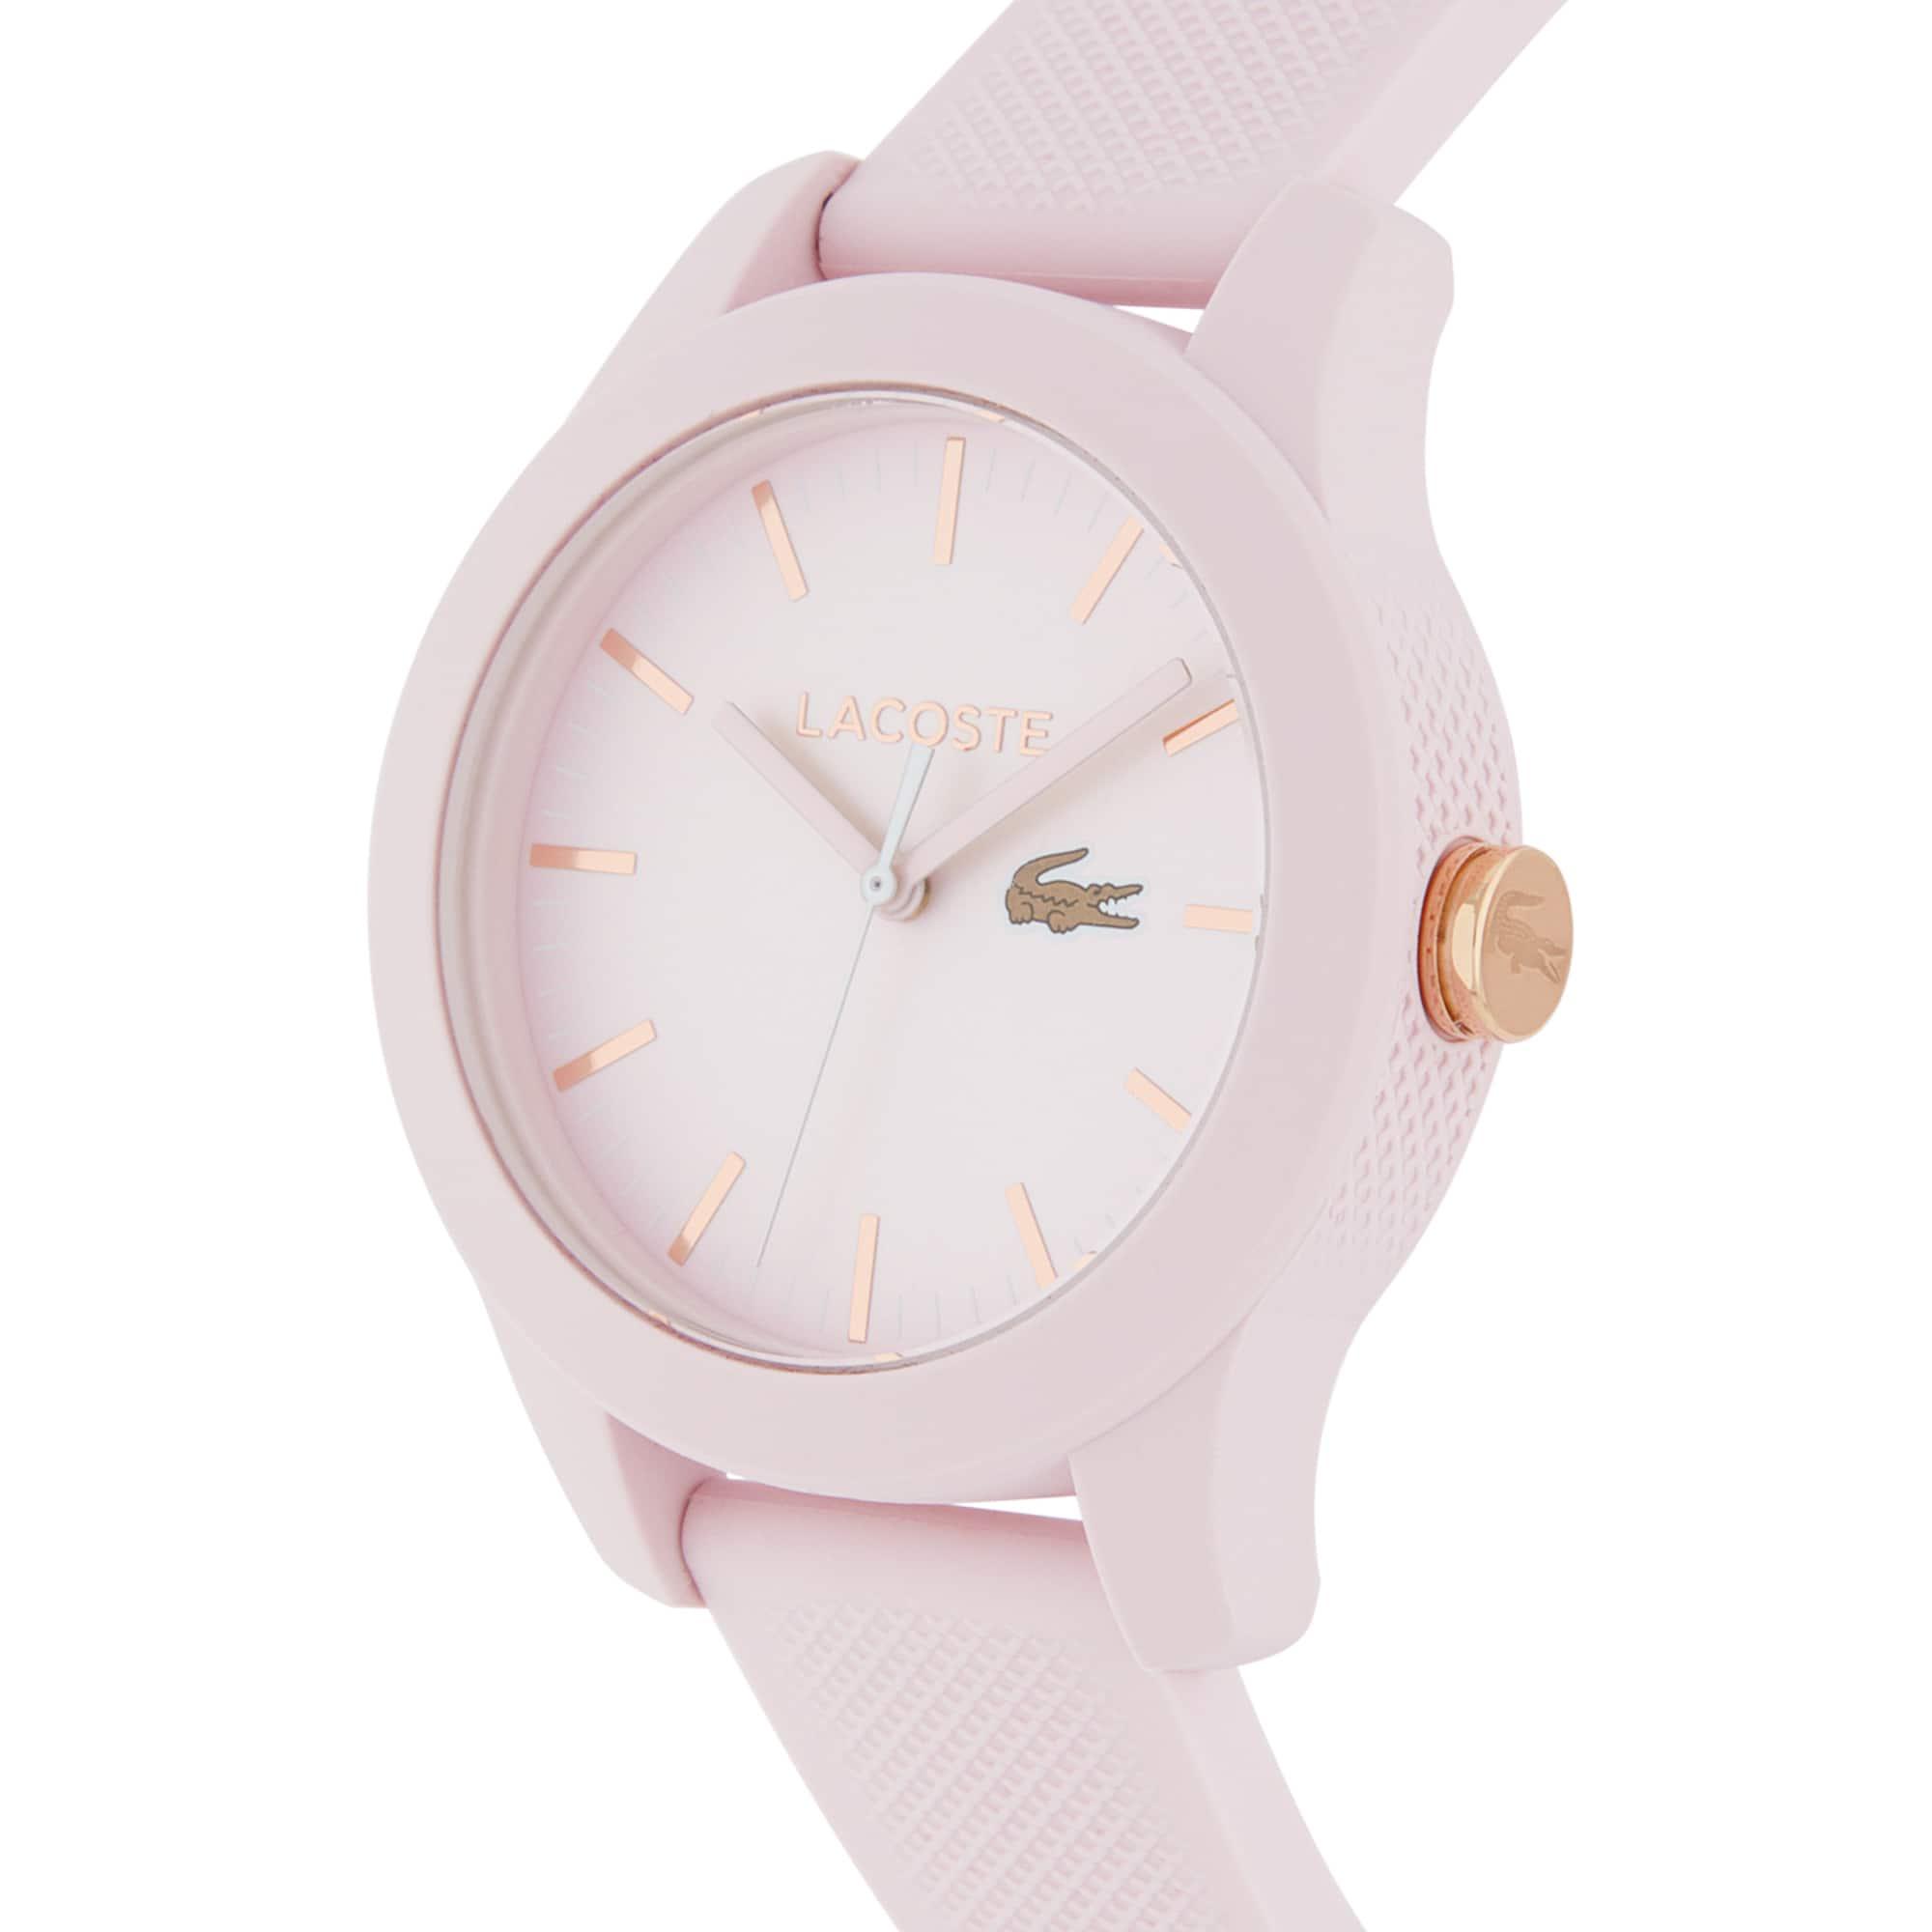 Orologio Lacoste 12.12 da donna con cinturino in silicone rosa